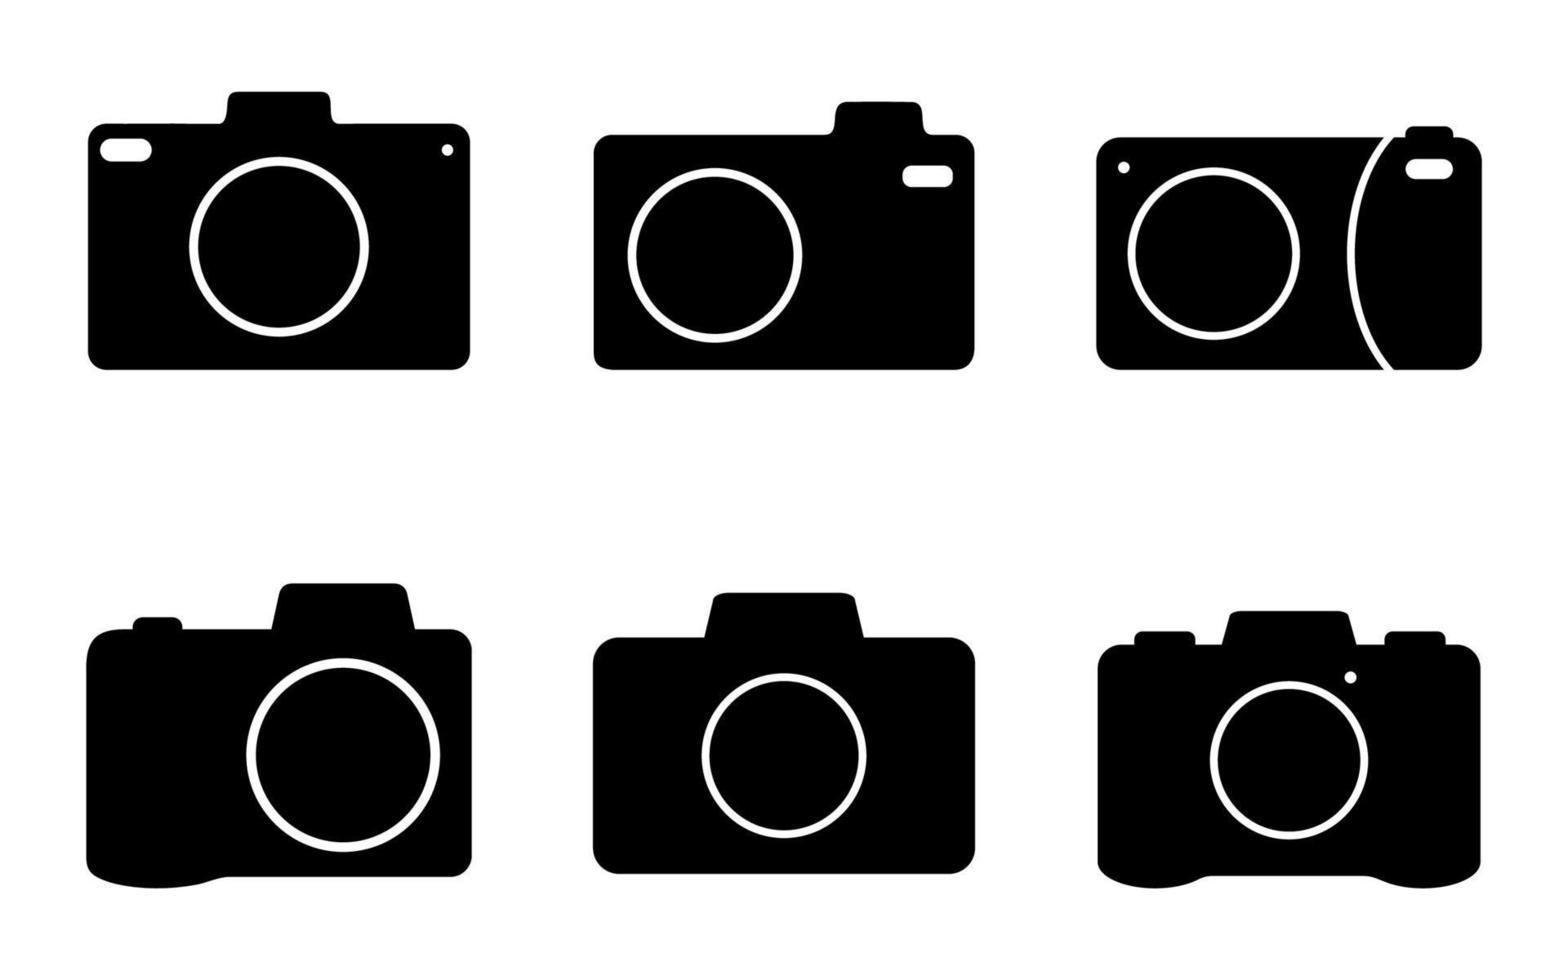 conjunto de ícones da câmera - ilustração vetorial. vetor